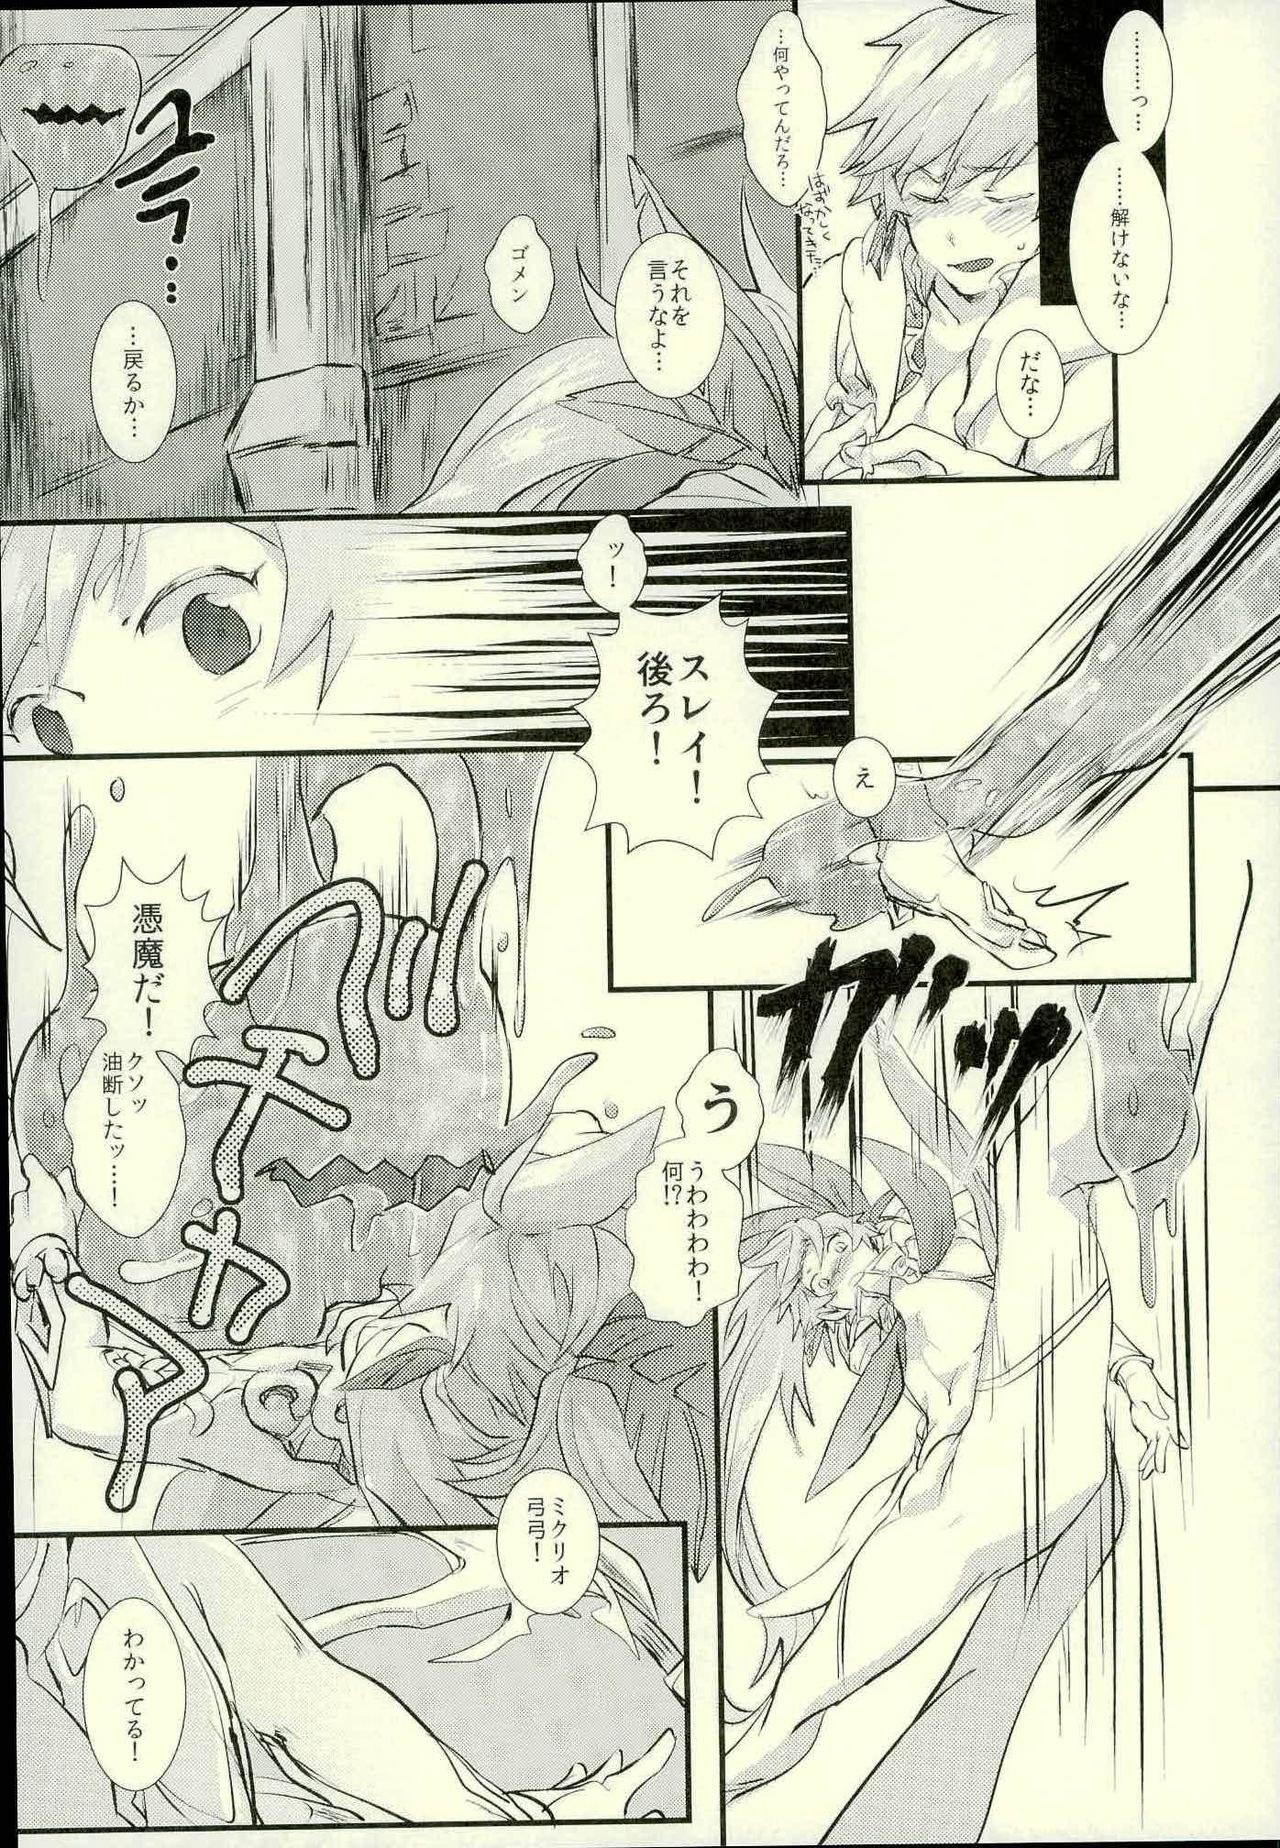 【BL同人誌】神衣脱げなくなったスレイ、疲れる為にミクリオとオナニーしたたはいいけれど・・・憑魔に目をつけられた二人は、一緒にそのまま憑魔の触手に犯されまくっちゃうwwww【テイルズ オブ ゼスティリア】 008